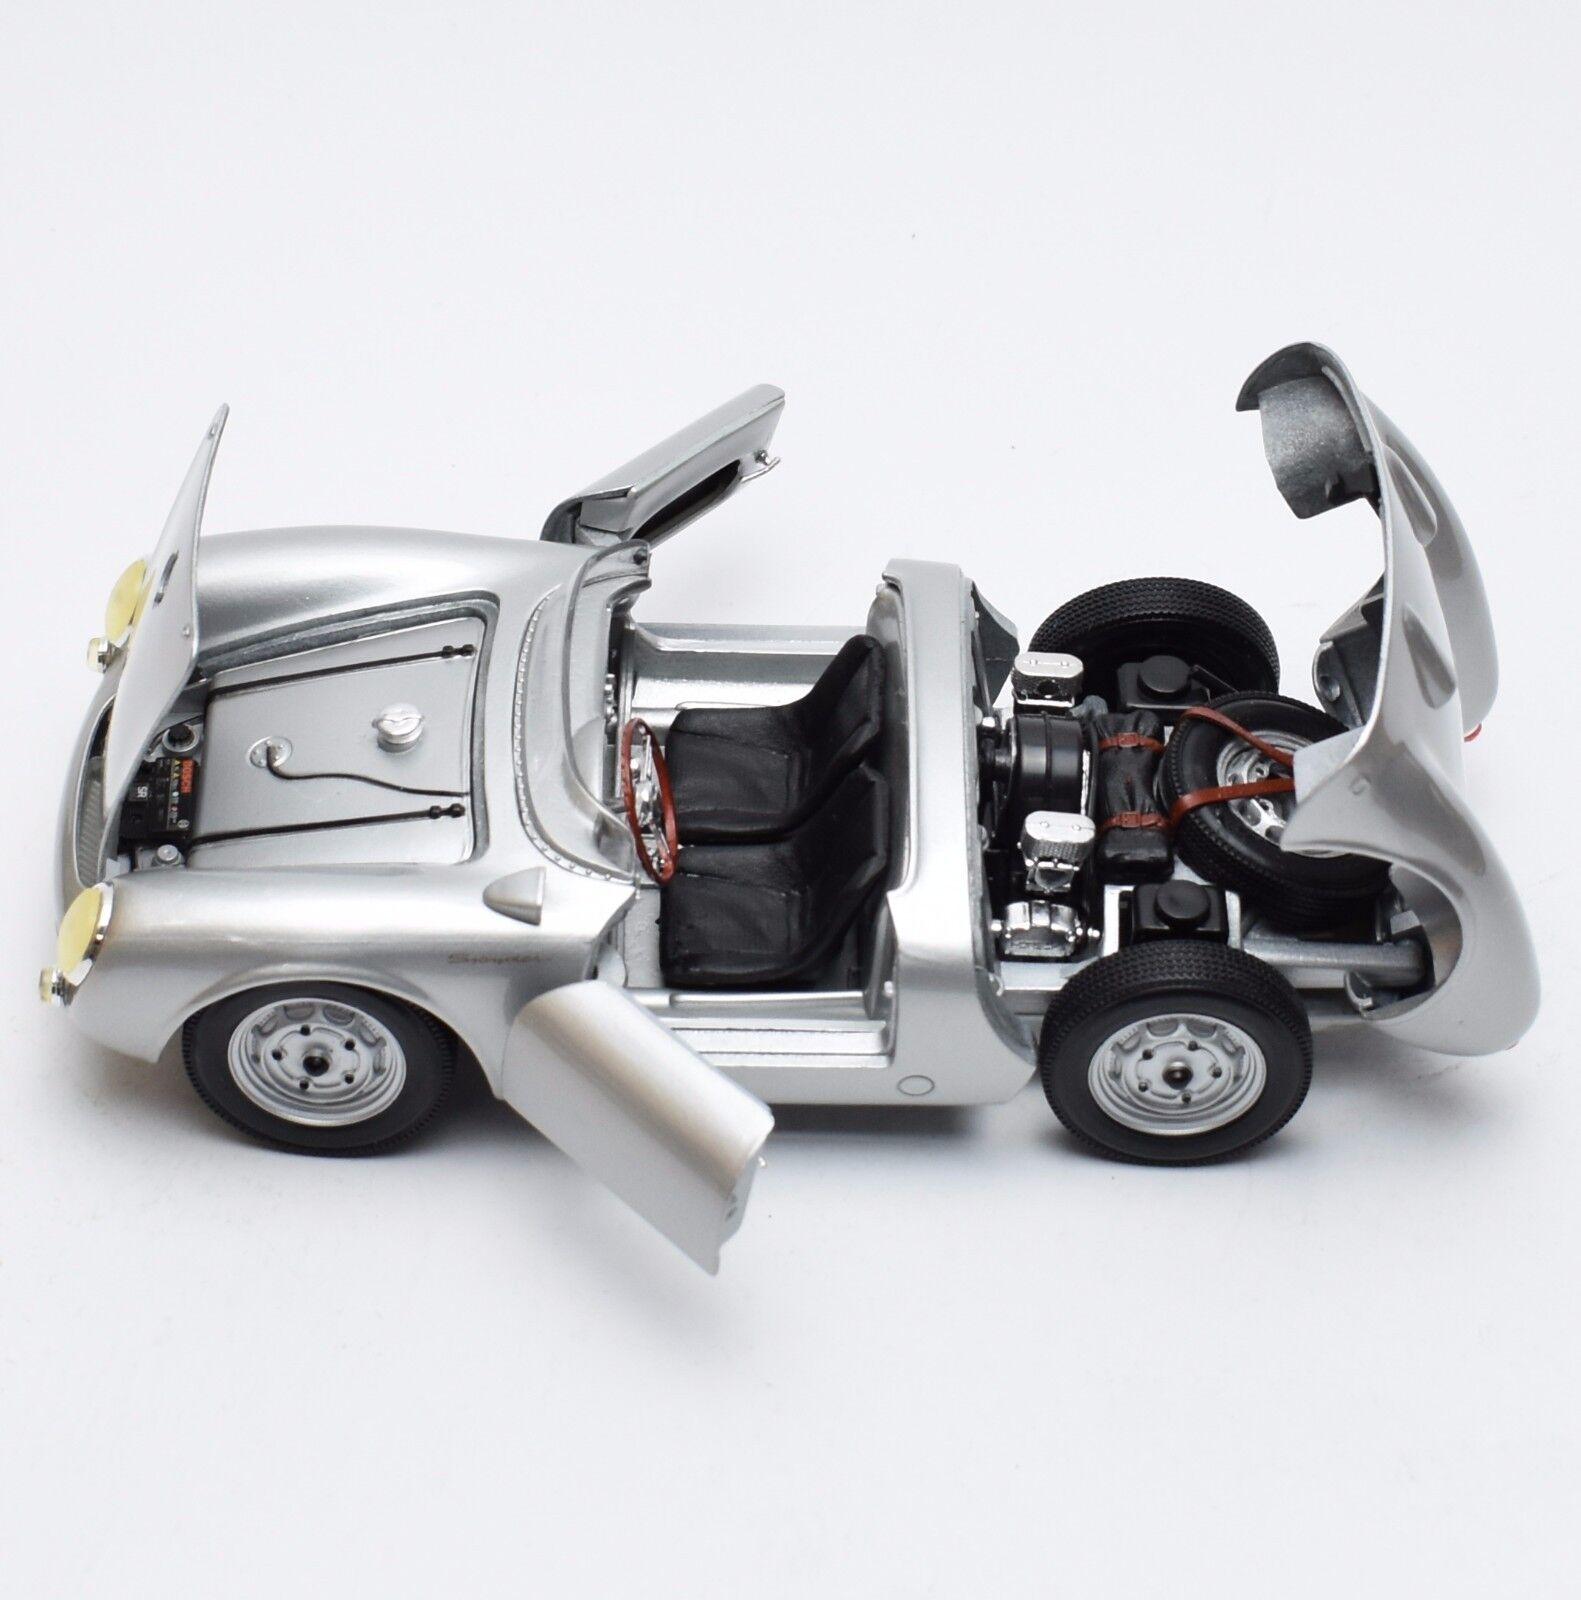 Porsche 550 A Spyder voiture de sport en argent laqué, Maisto, 1 18, NEUF dans sa boîte, k054